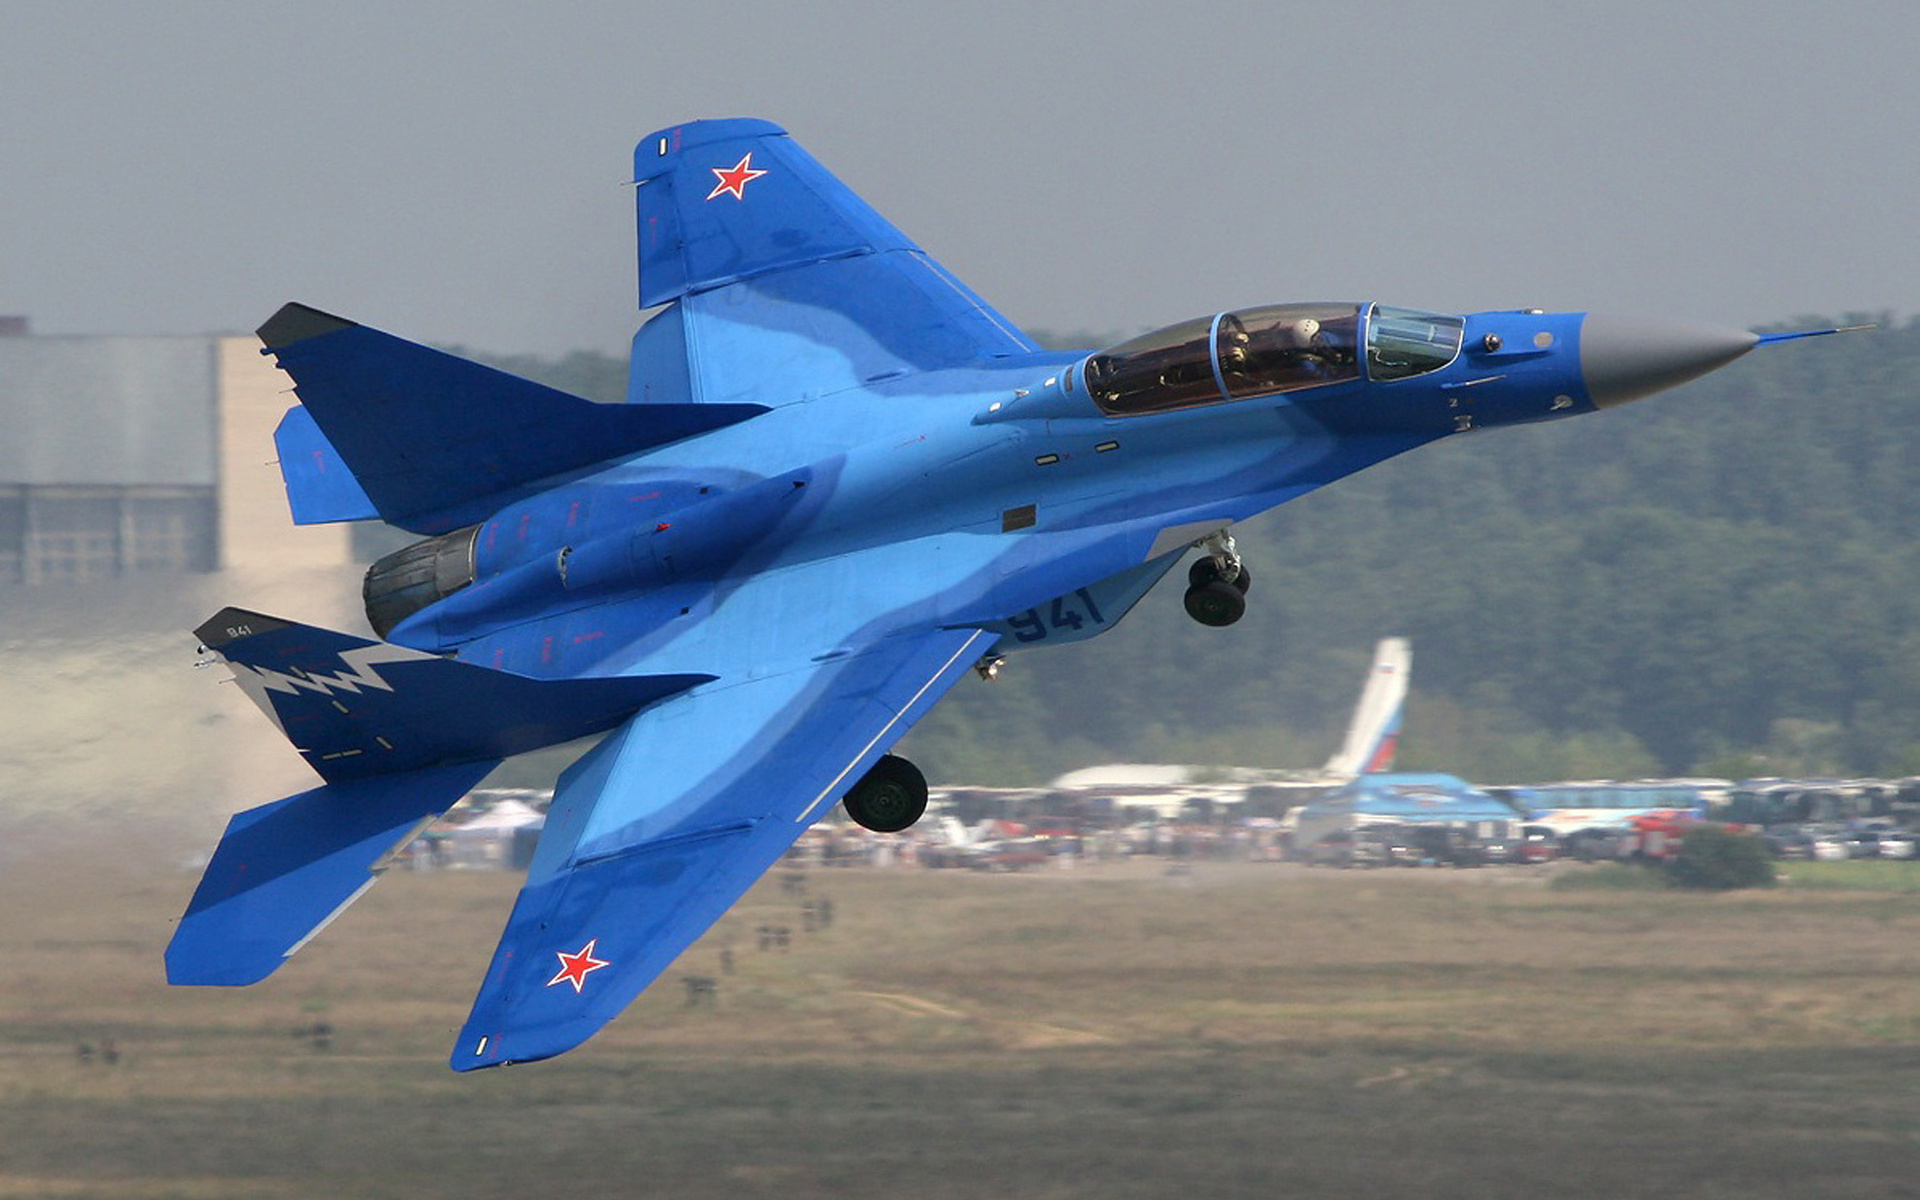 Картинки самолетами военными, картинки котами